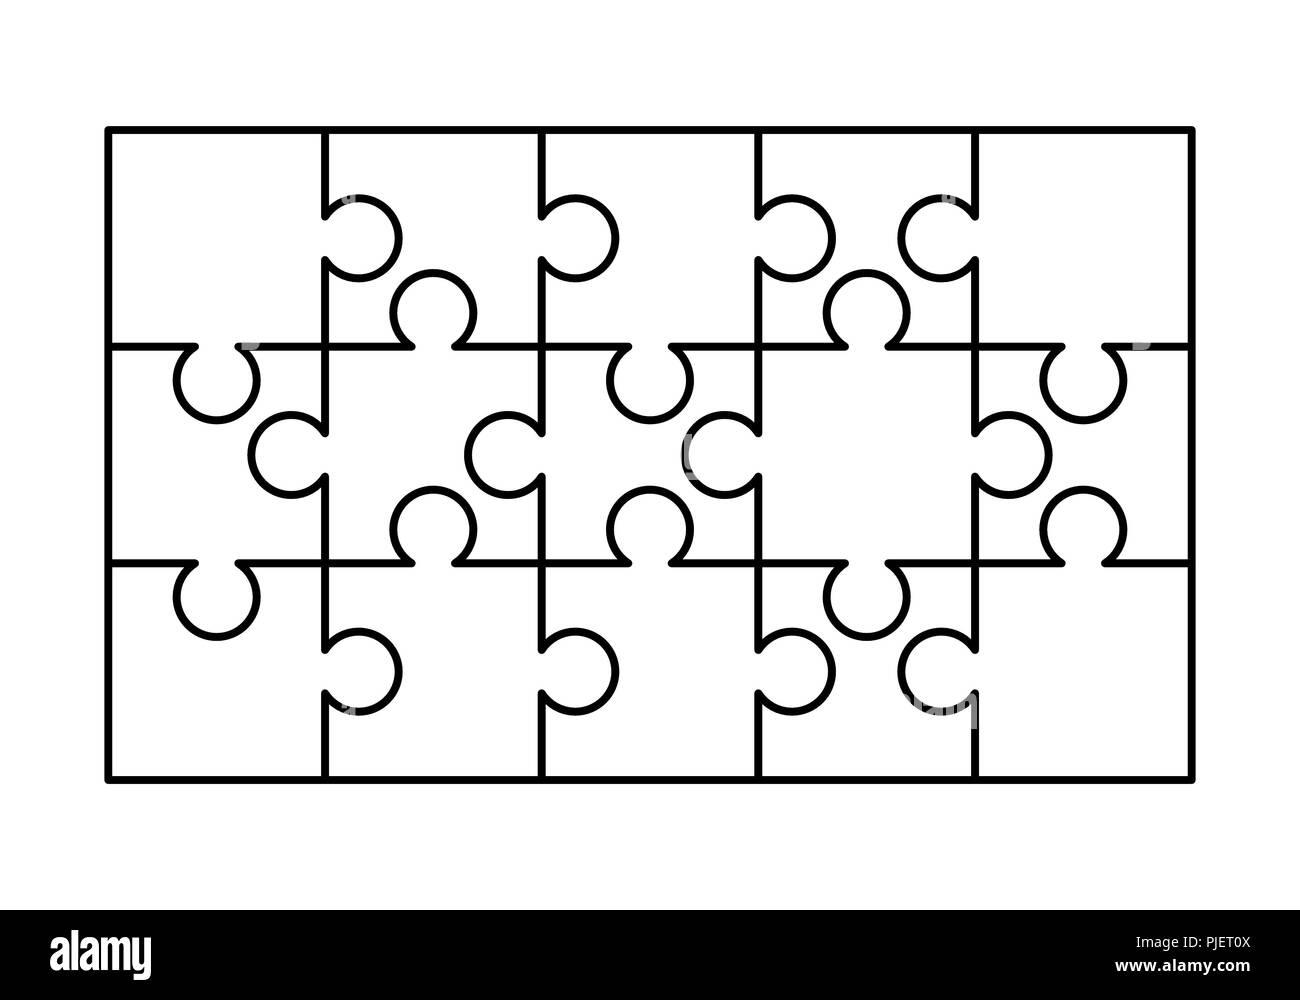 15 weiße Rätsel Stücke in einem Rechteck angeordnet. Puzzle Vorlage ...